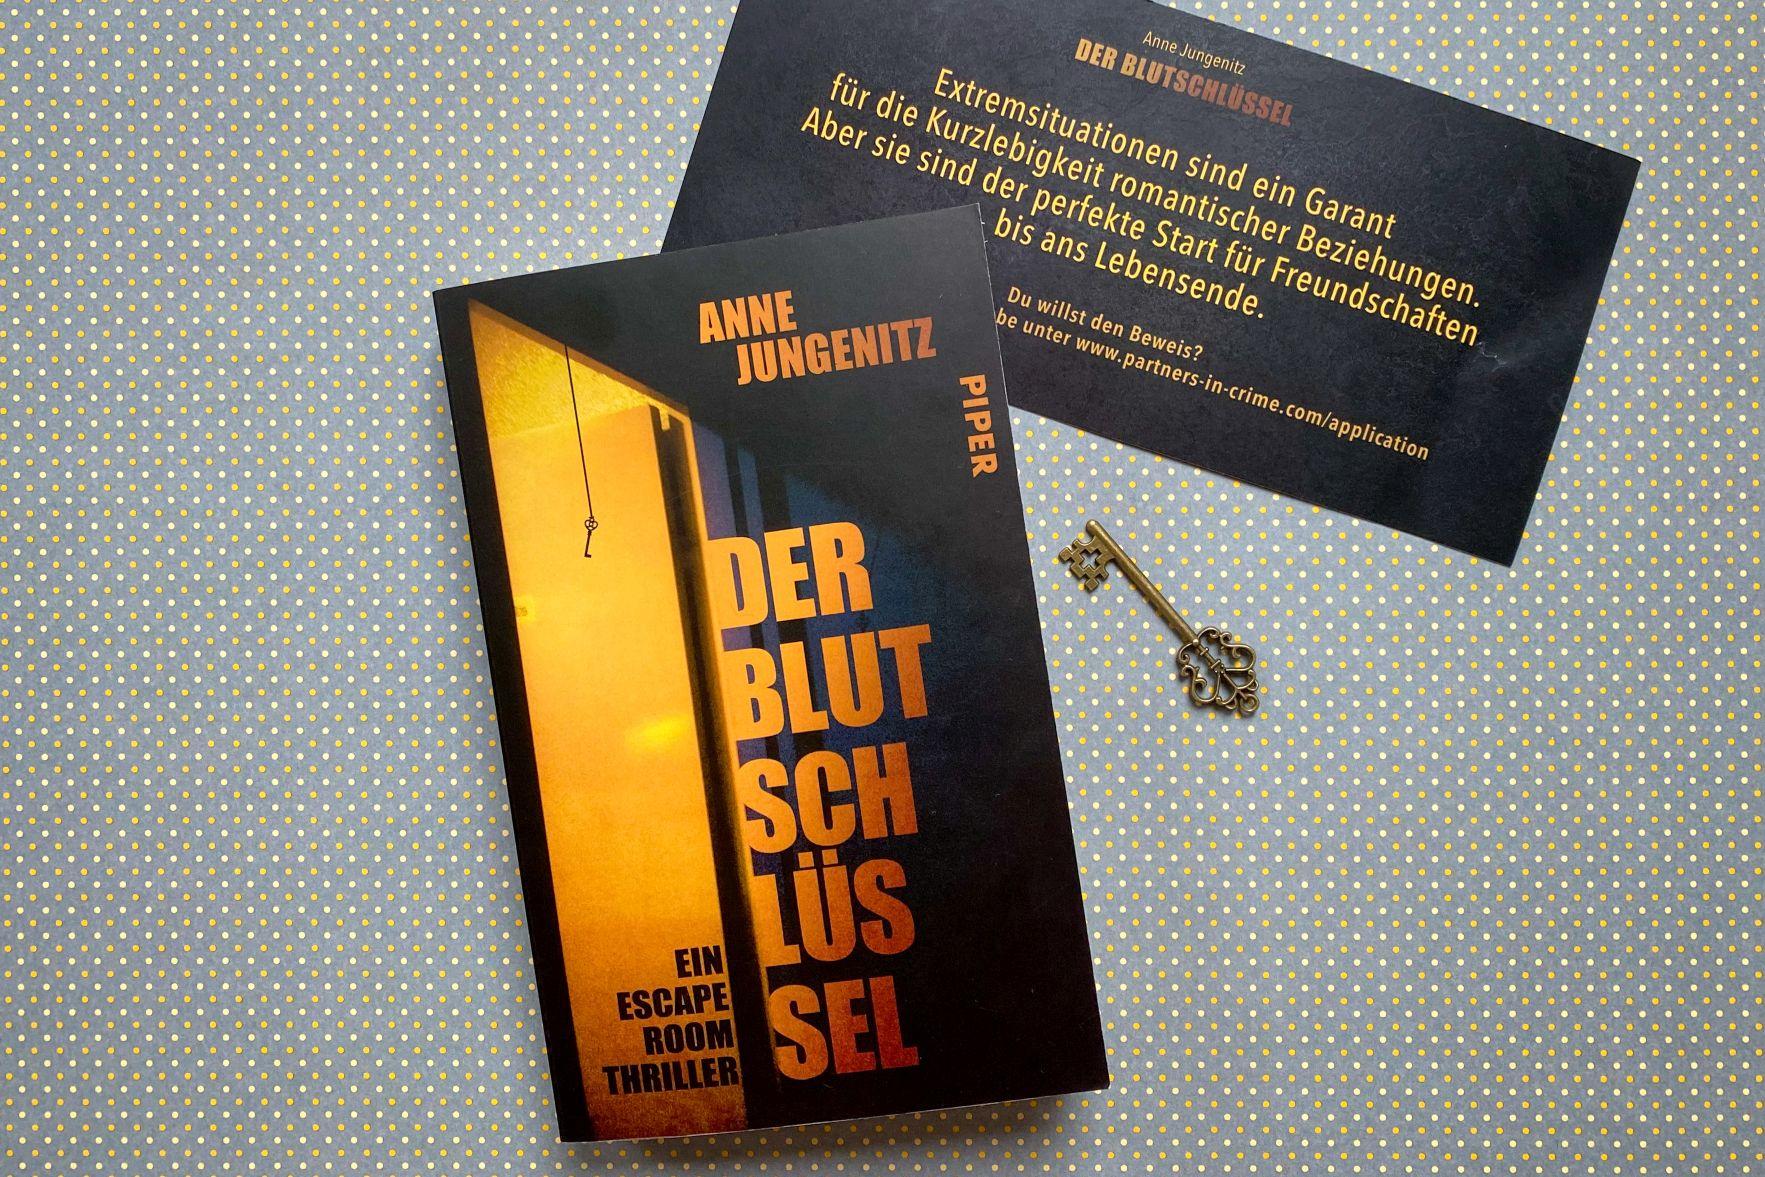 Anne Jungenitz Der Blutschlüssel Escape Room Thriller Los Angeles